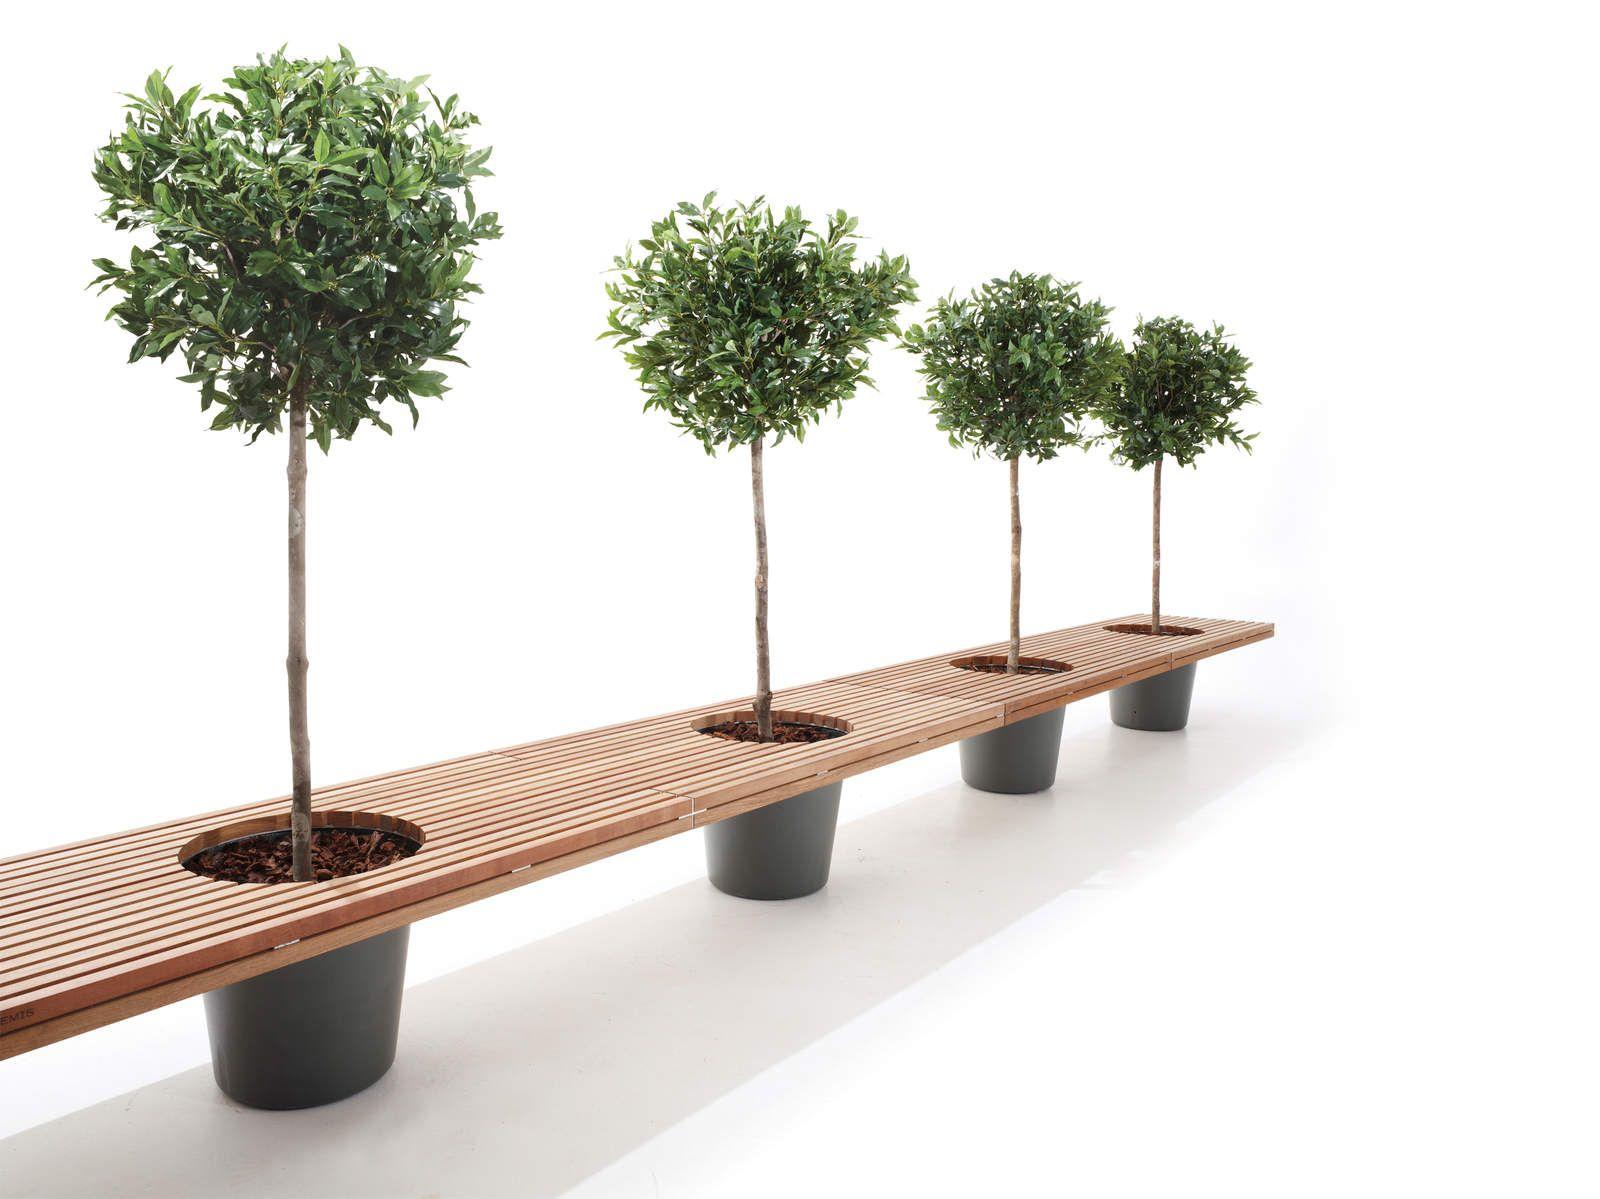 Banco modelo e52 jard n terraza patio pinterest for Mobiliario jardin terraza